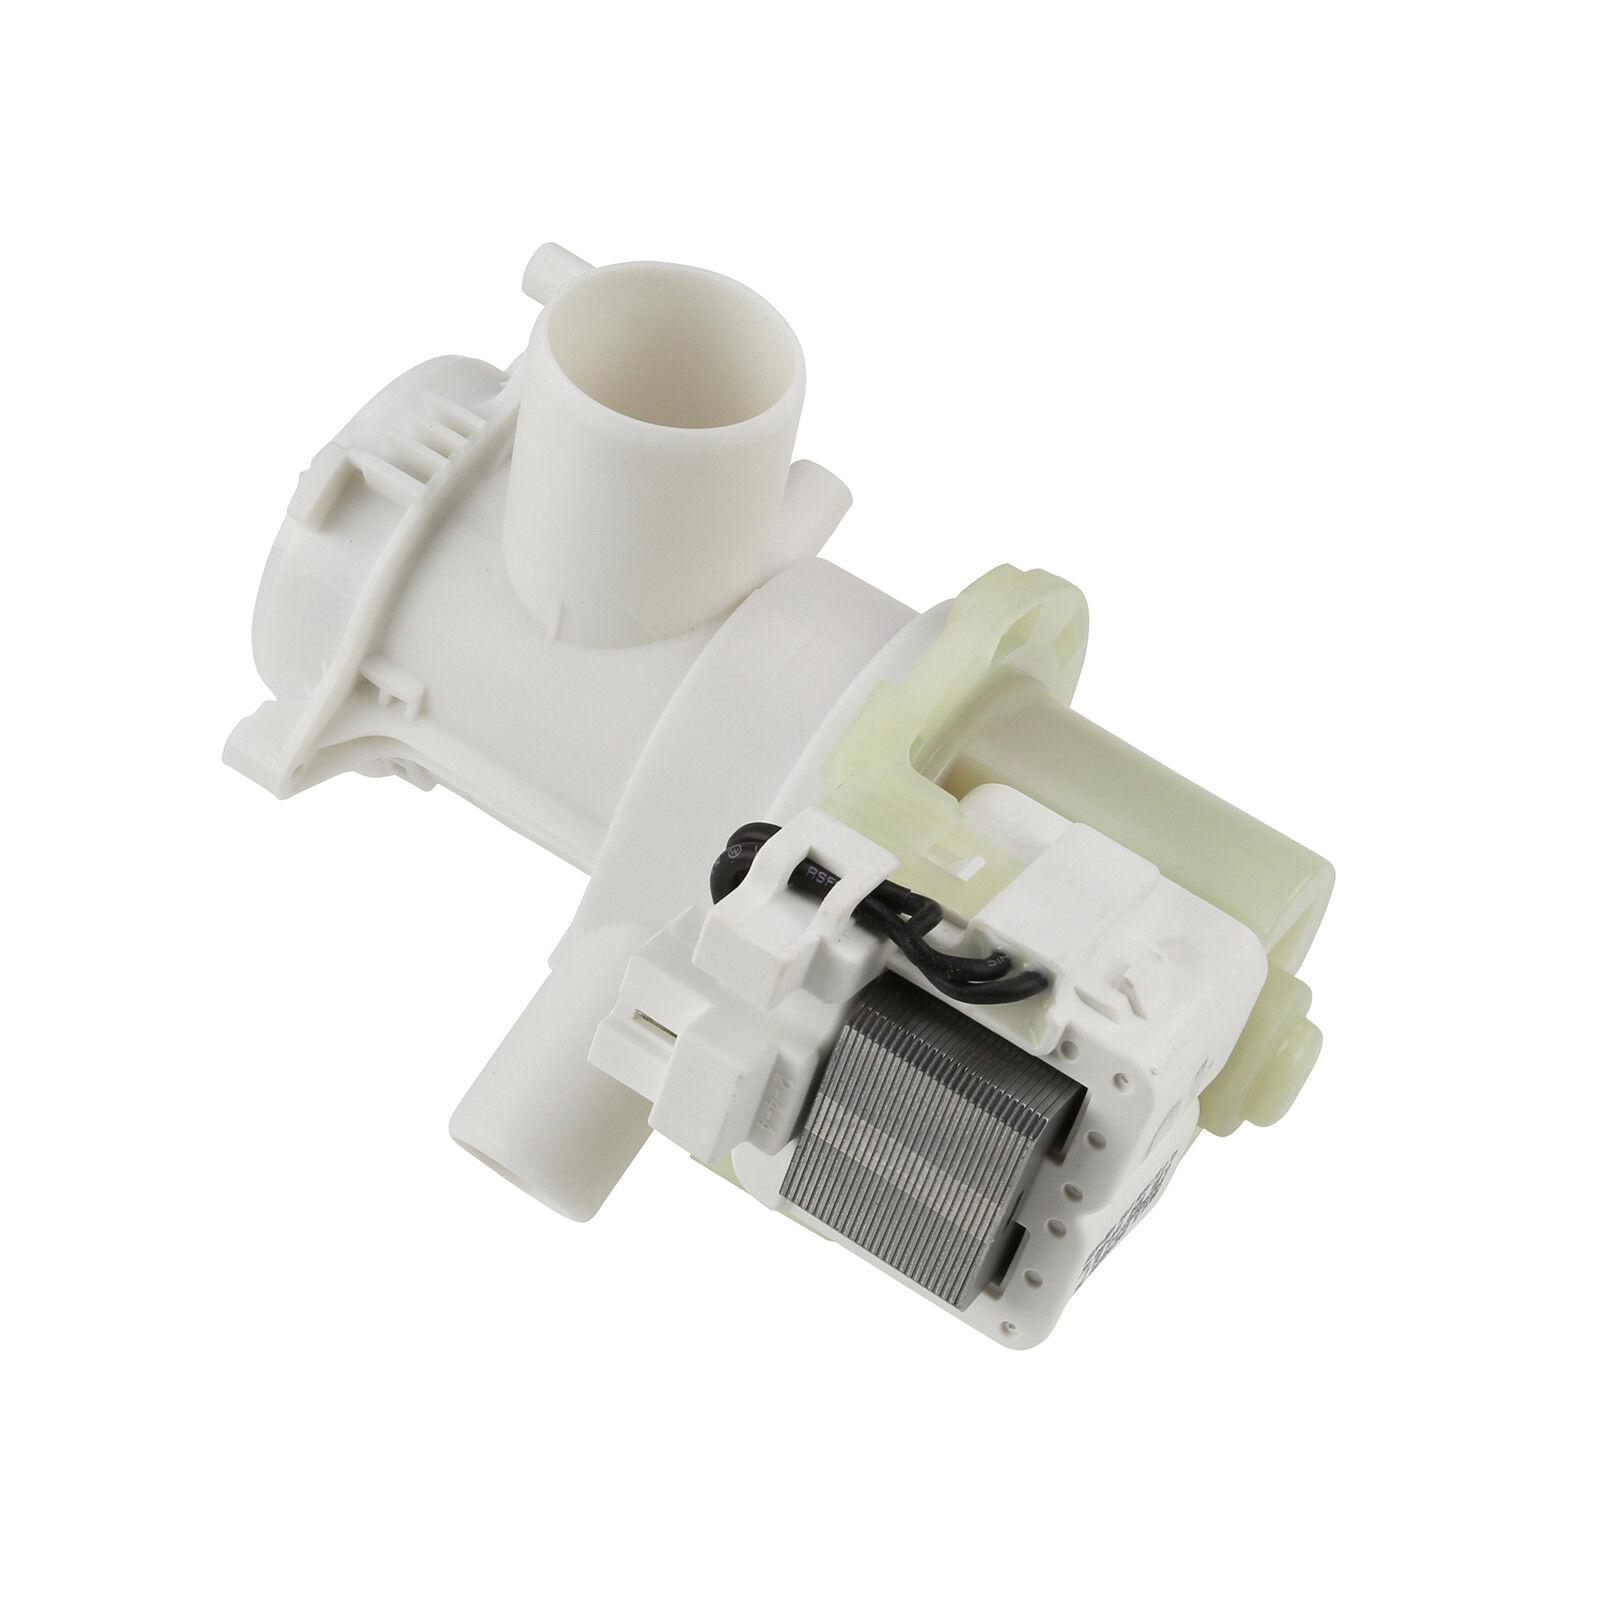 ORIGINALE Beko Lavatrice Pompa di drenaggio wmb71021w wmb61631s wmb81241lb wml72b